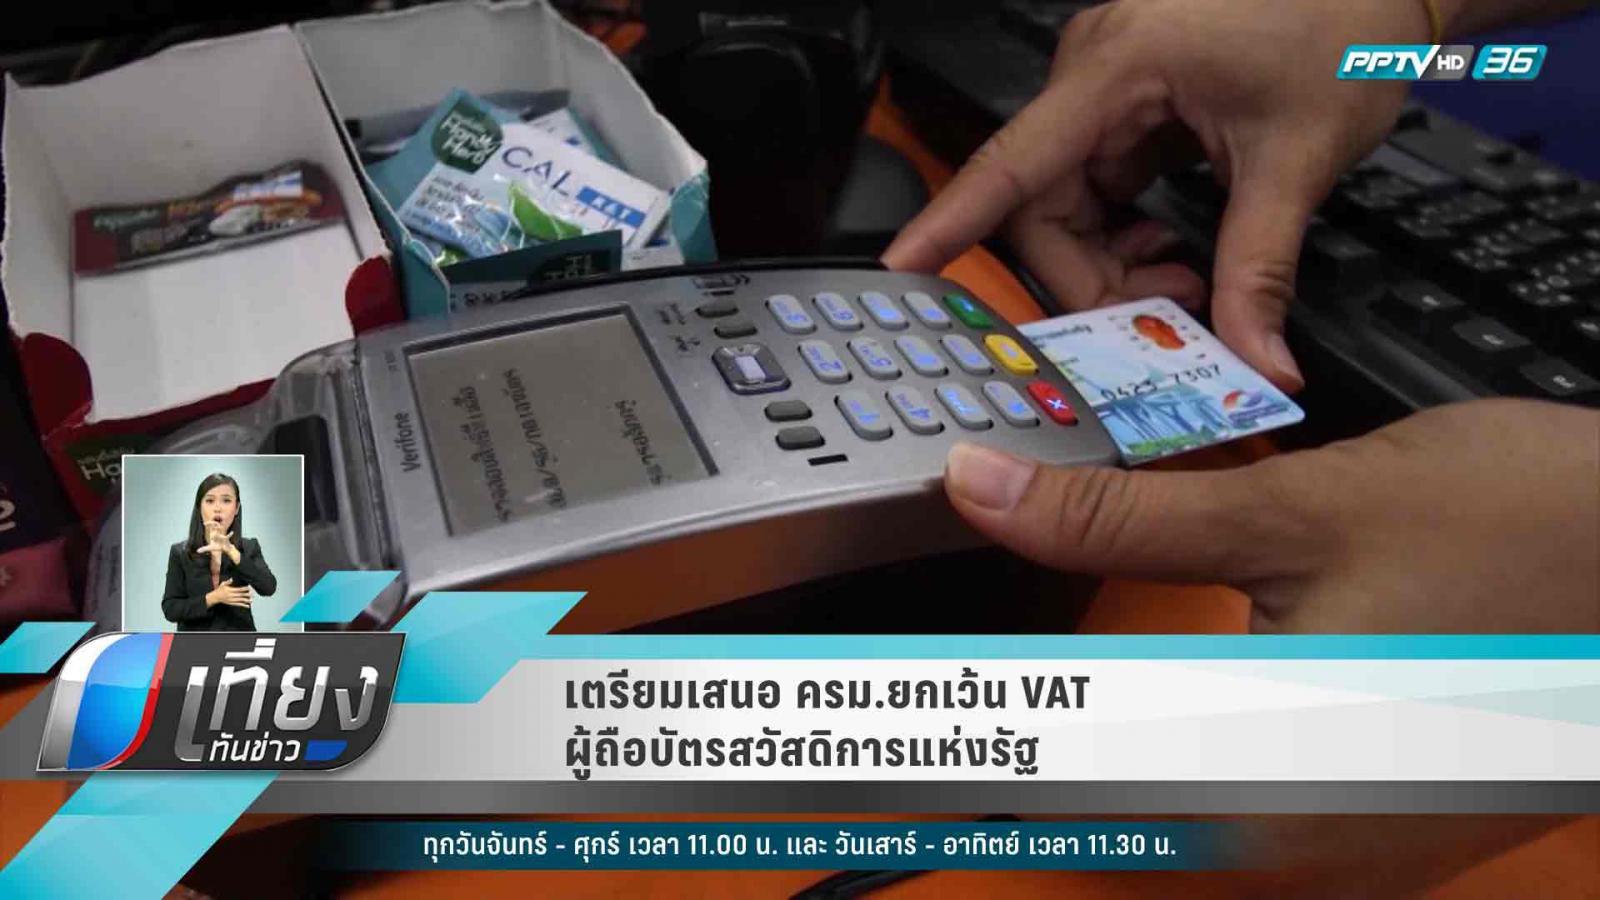 ก.คลัง เตรียมเสนอ ครม.ยกเว้น VAT ผู้ถือบัตรสวัสดิการแห่งรัฐ